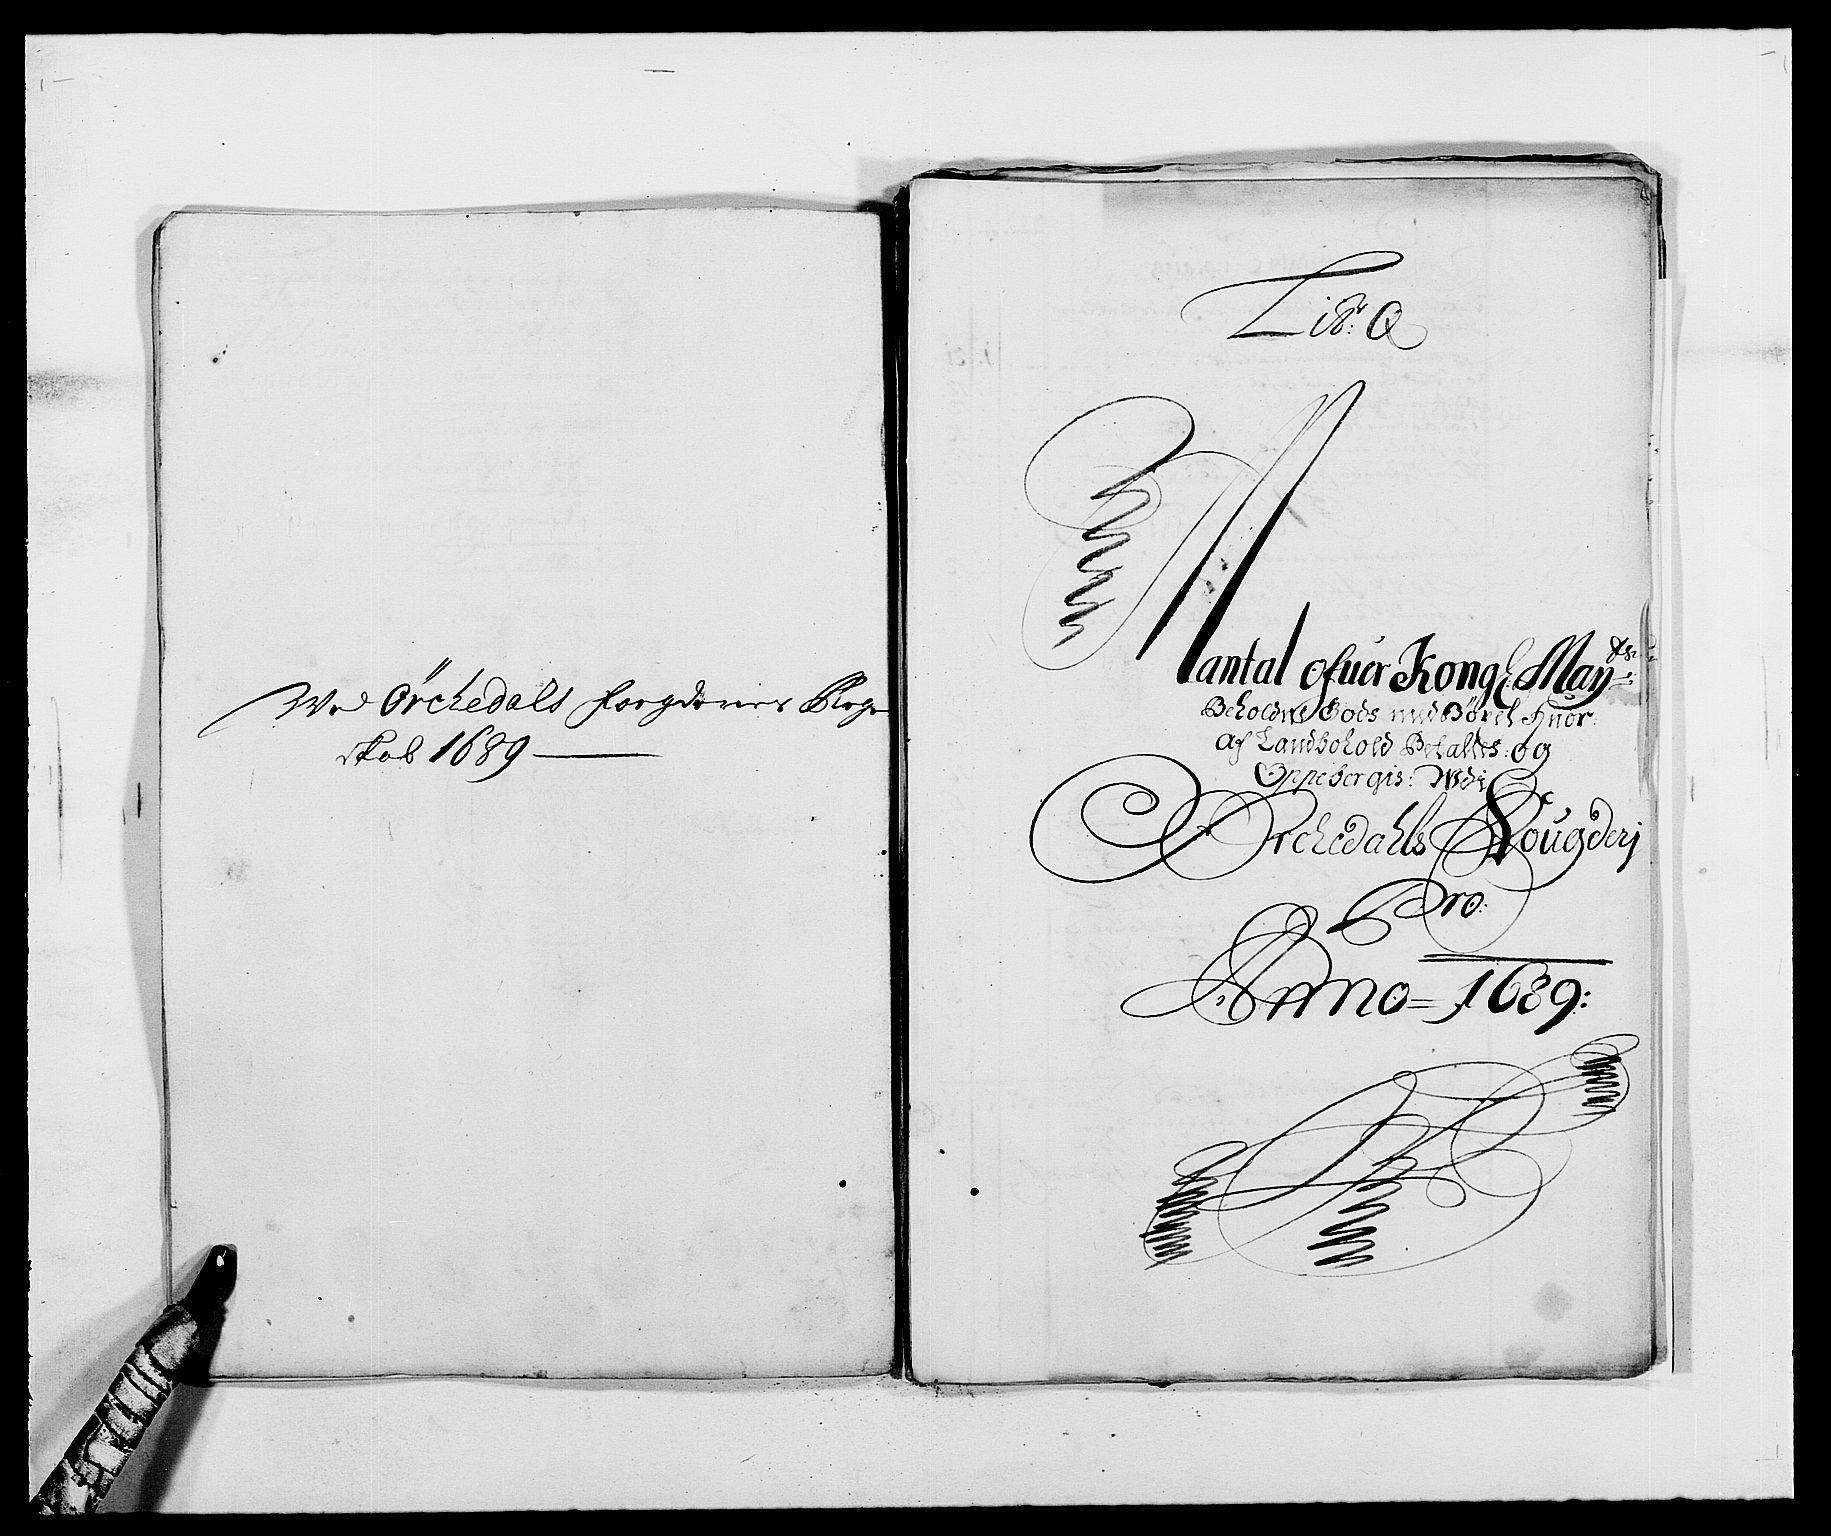 RA, Rentekammeret inntil 1814, Reviderte regnskaper, Fogderegnskap, R58/L3936: Fogderegnskap Orkdal, 1689-1690, s. 164